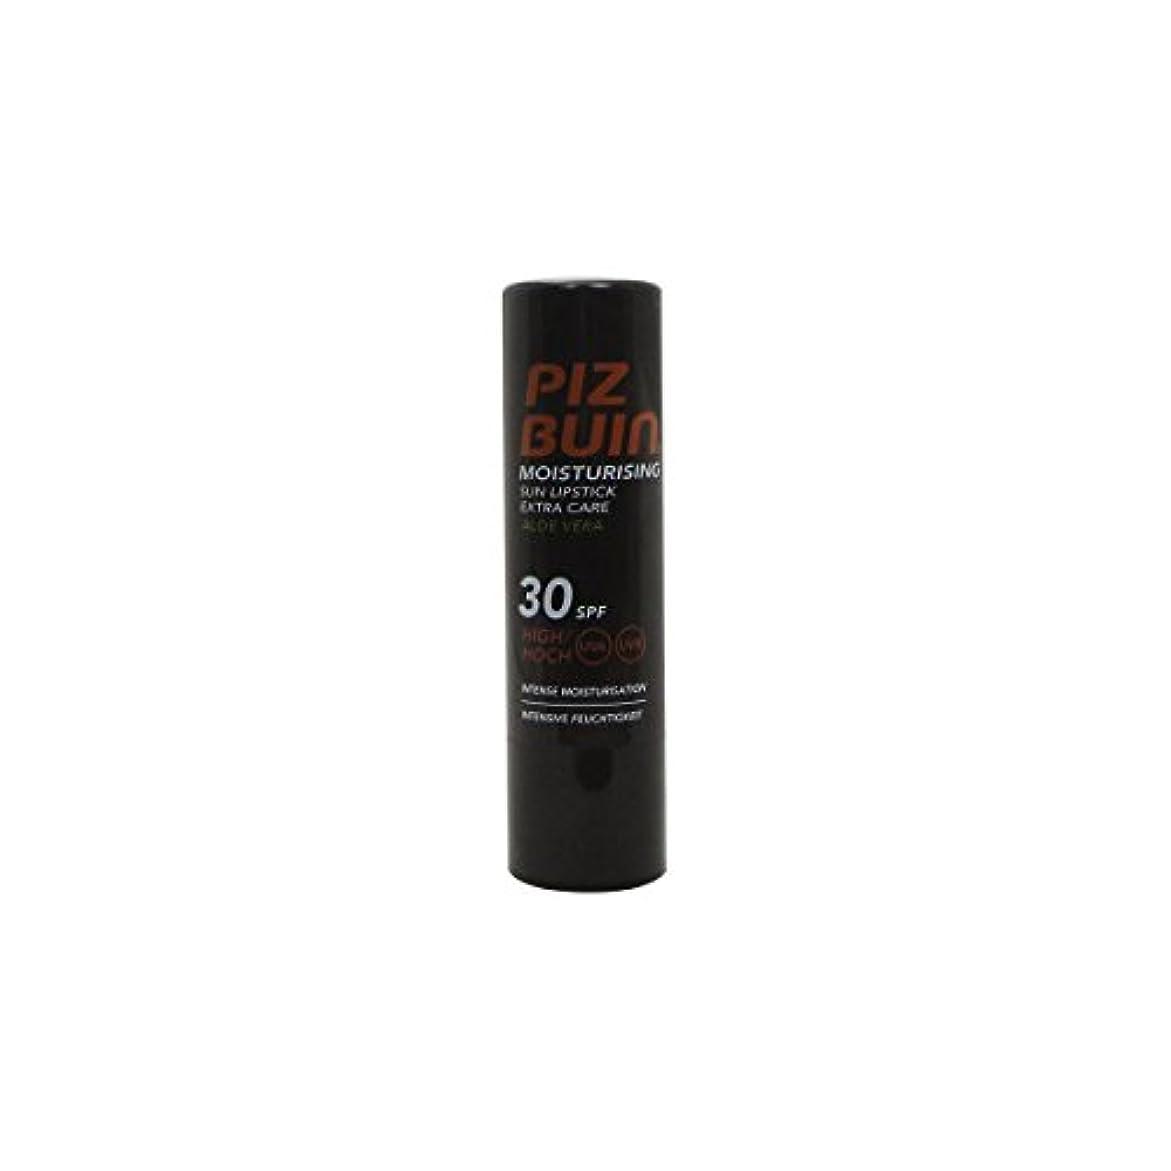 取り組むレンド慣性Piz Buin Lipstick Spf 30 Moisturising With Aloe Vera5g [並行輸入品]